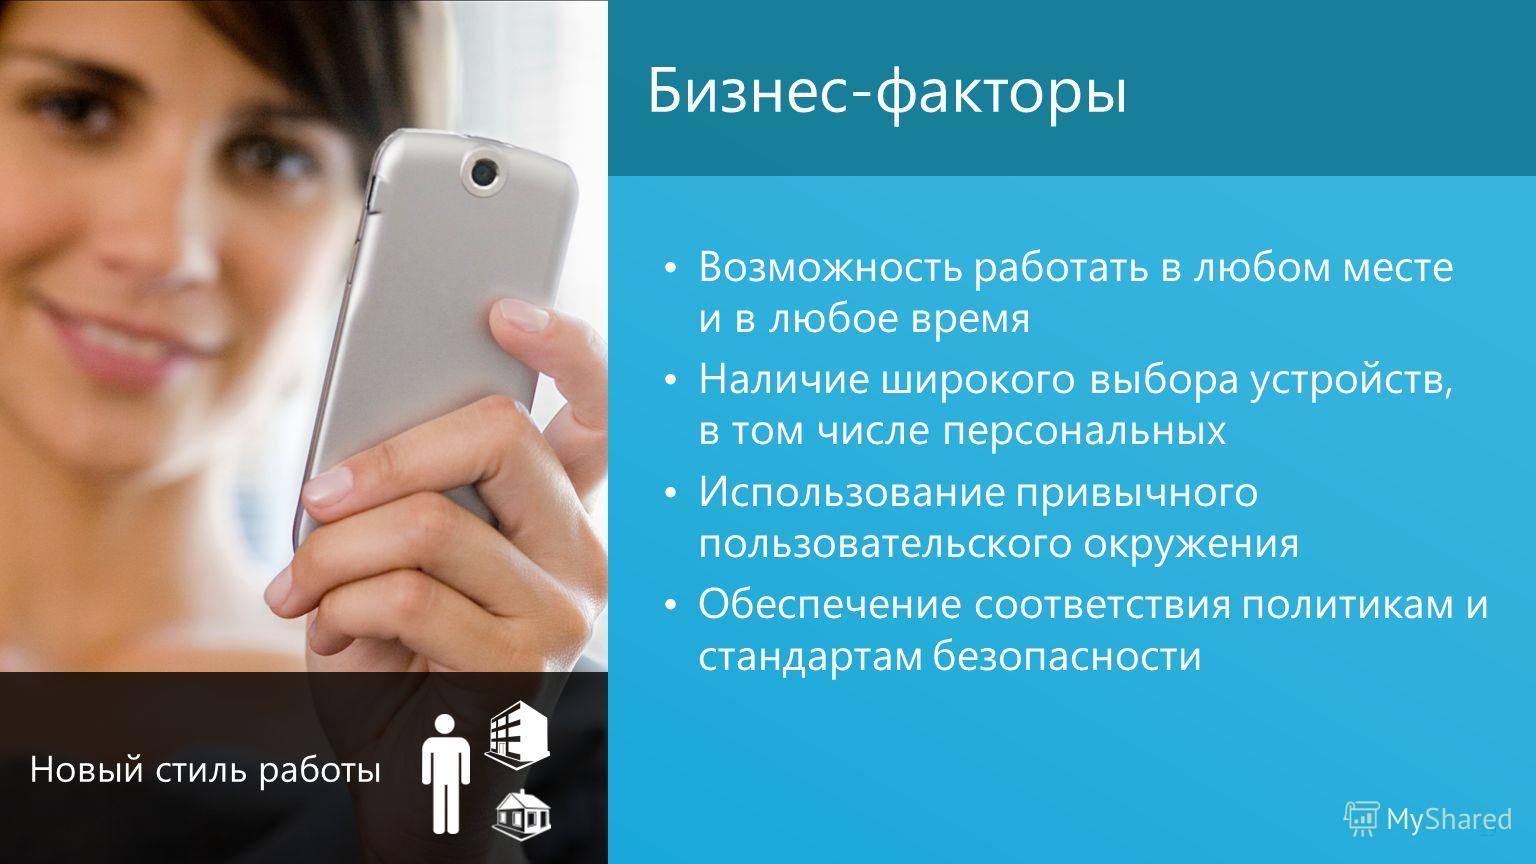 Бизнес-факторы Возможность работать в любом месте и в любое время Наличие широкого выбора устройств, в том числе персональных Использование привычного пользовательского окружения Обеспечение соответствия политикам и стандартам безопасности 19 Новый с